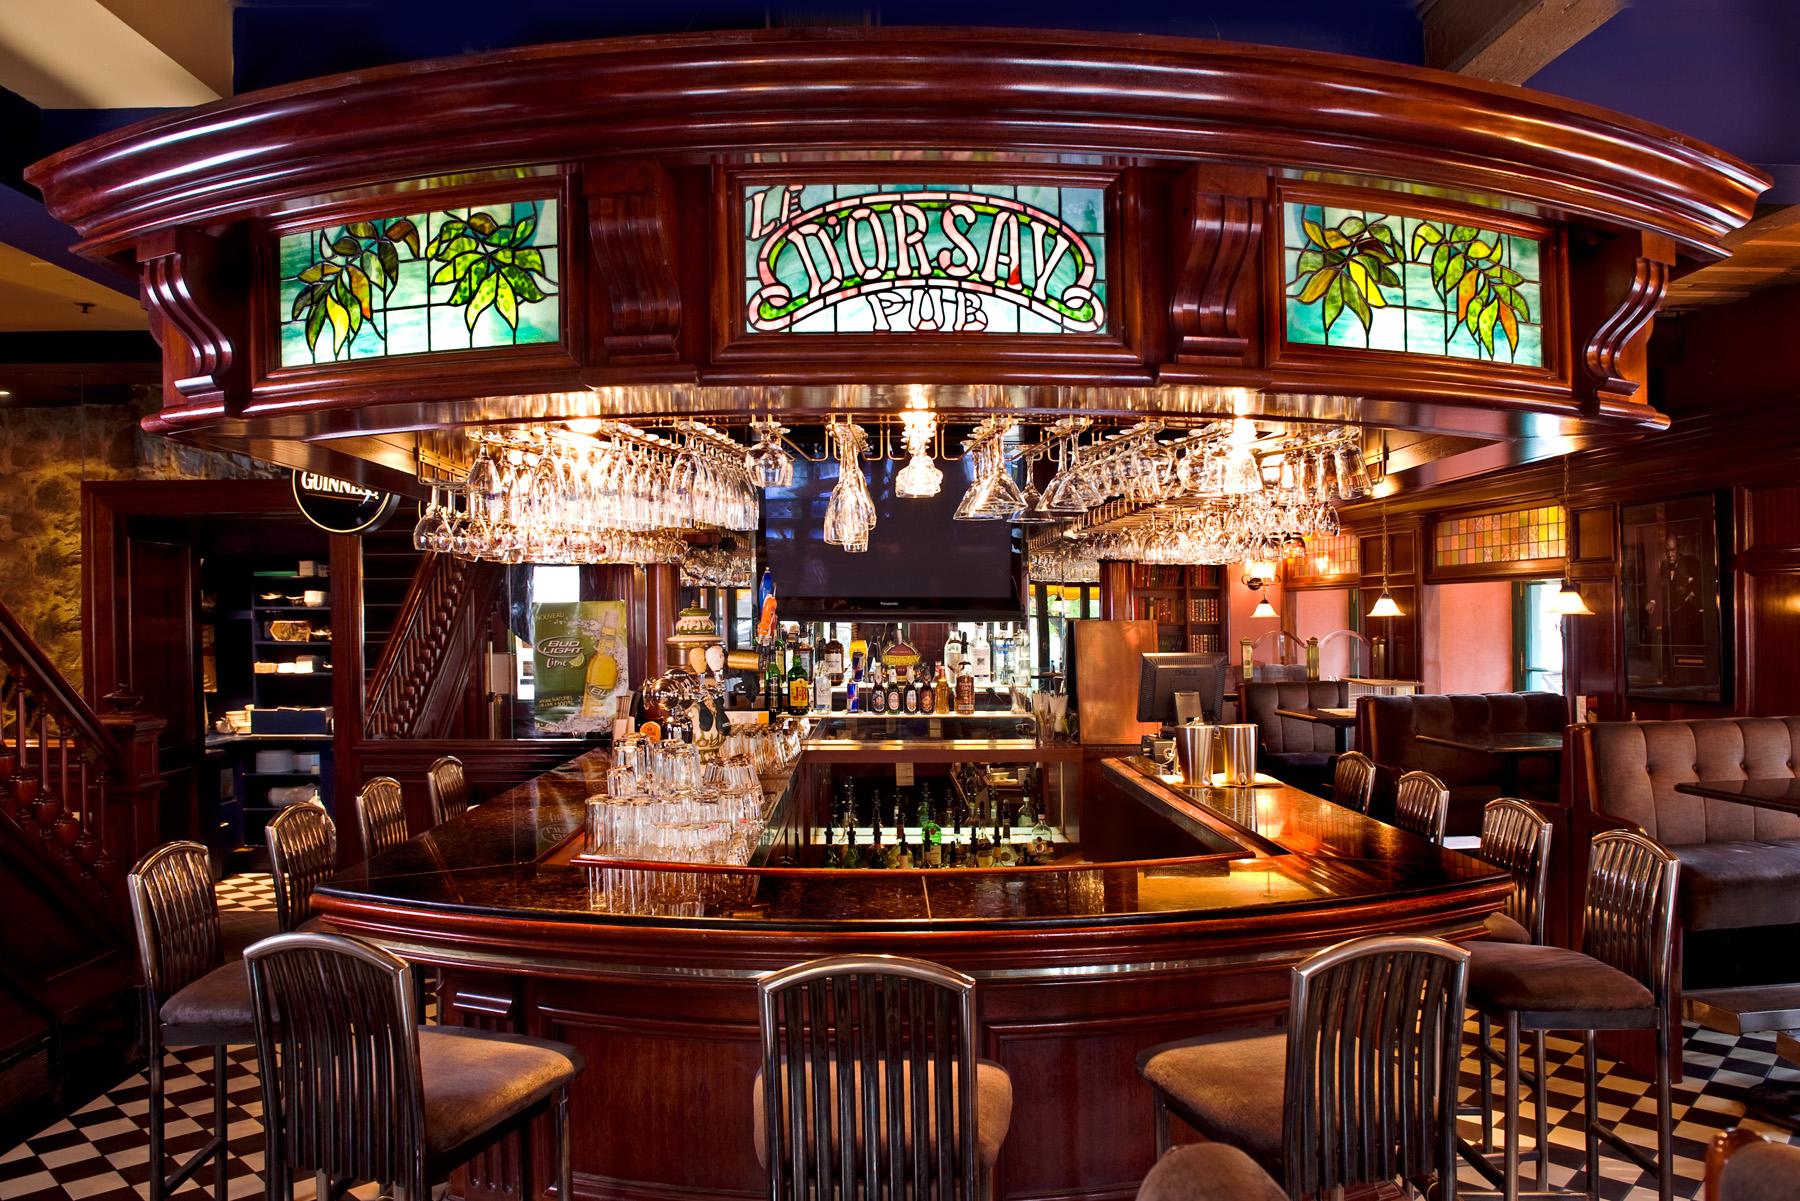 D'Orsay Restaurant-Pub